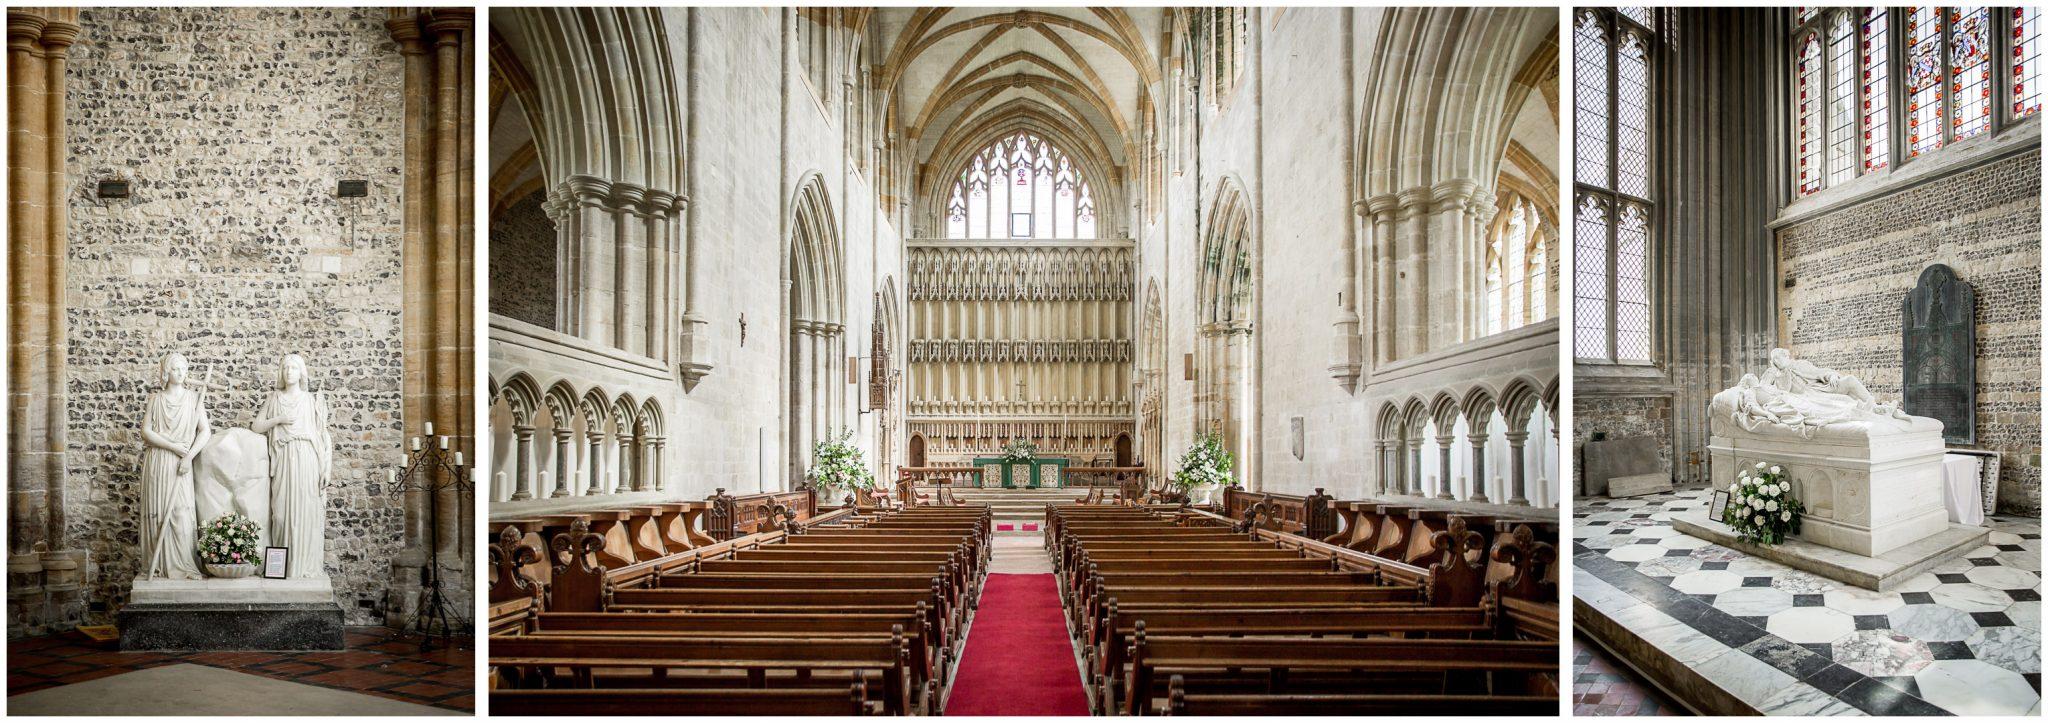 Church venue interior